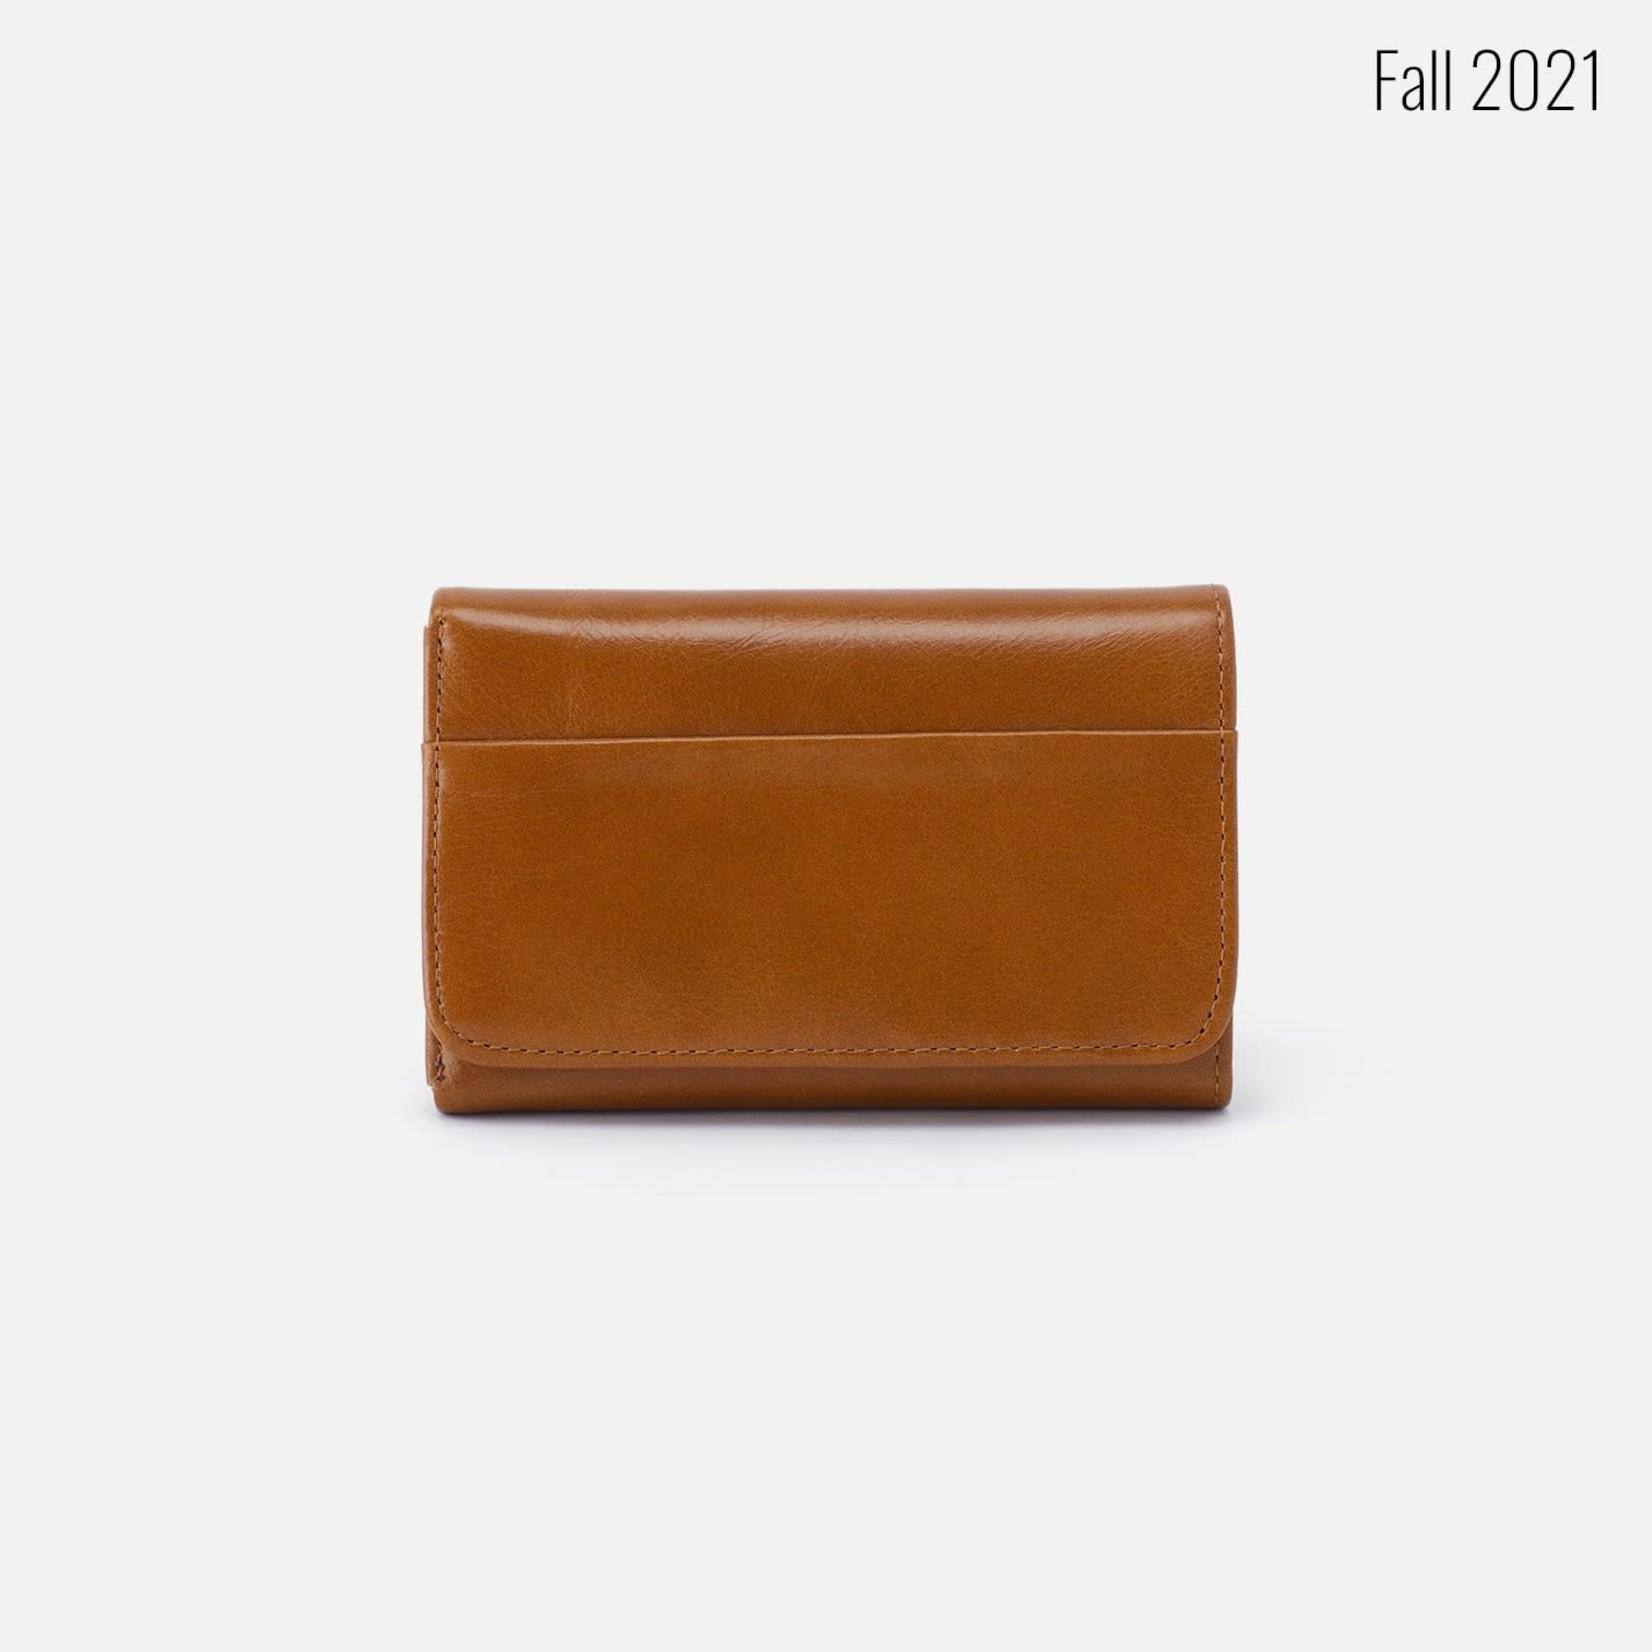 HOBO Jill Truffle Vintage Hide Leather Trifold Wallet